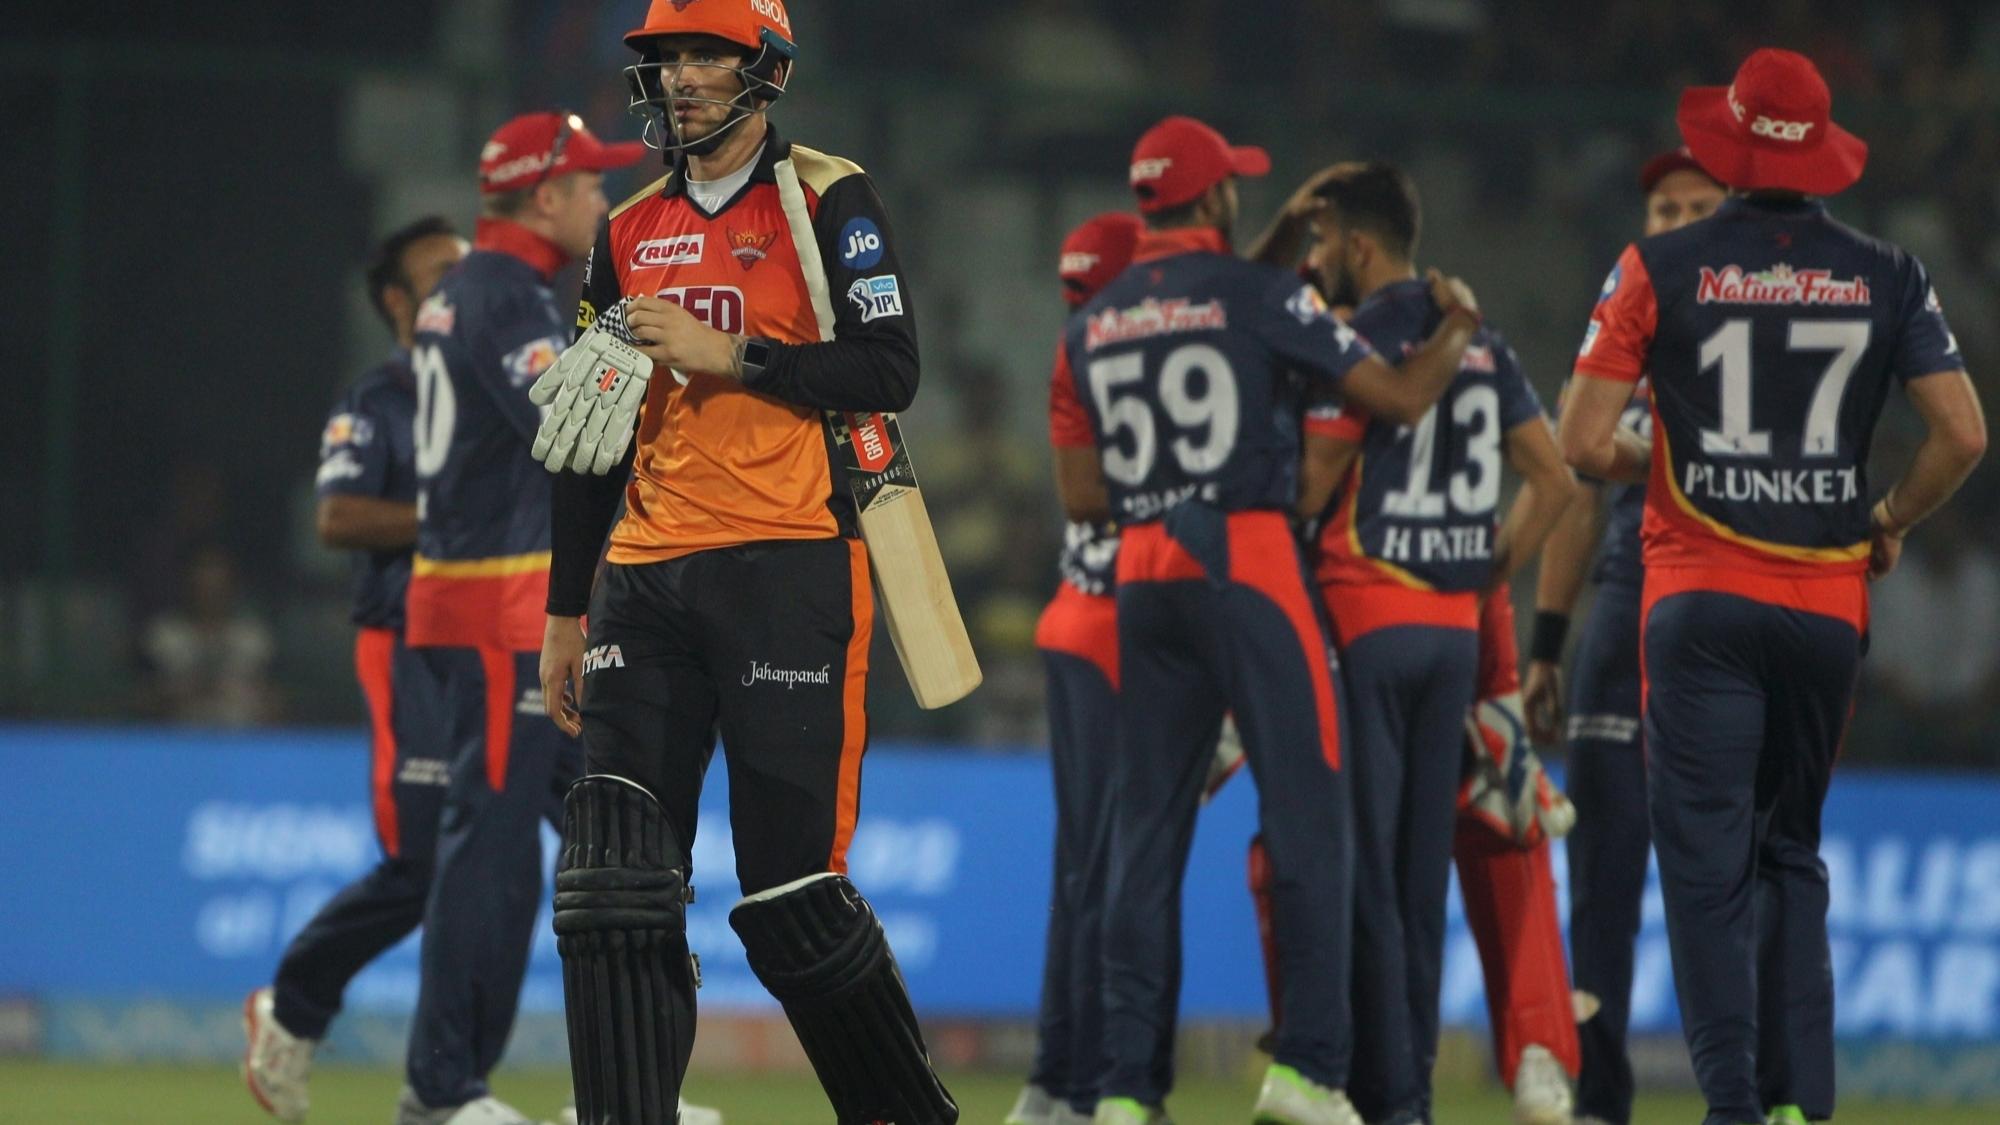 IPL 2018 : दिल्ली डेयरडेविल्स की योजना अगले सीजन की तैयारी के लिए शेष तीन मैचों में जीत हासिल करनी हैं